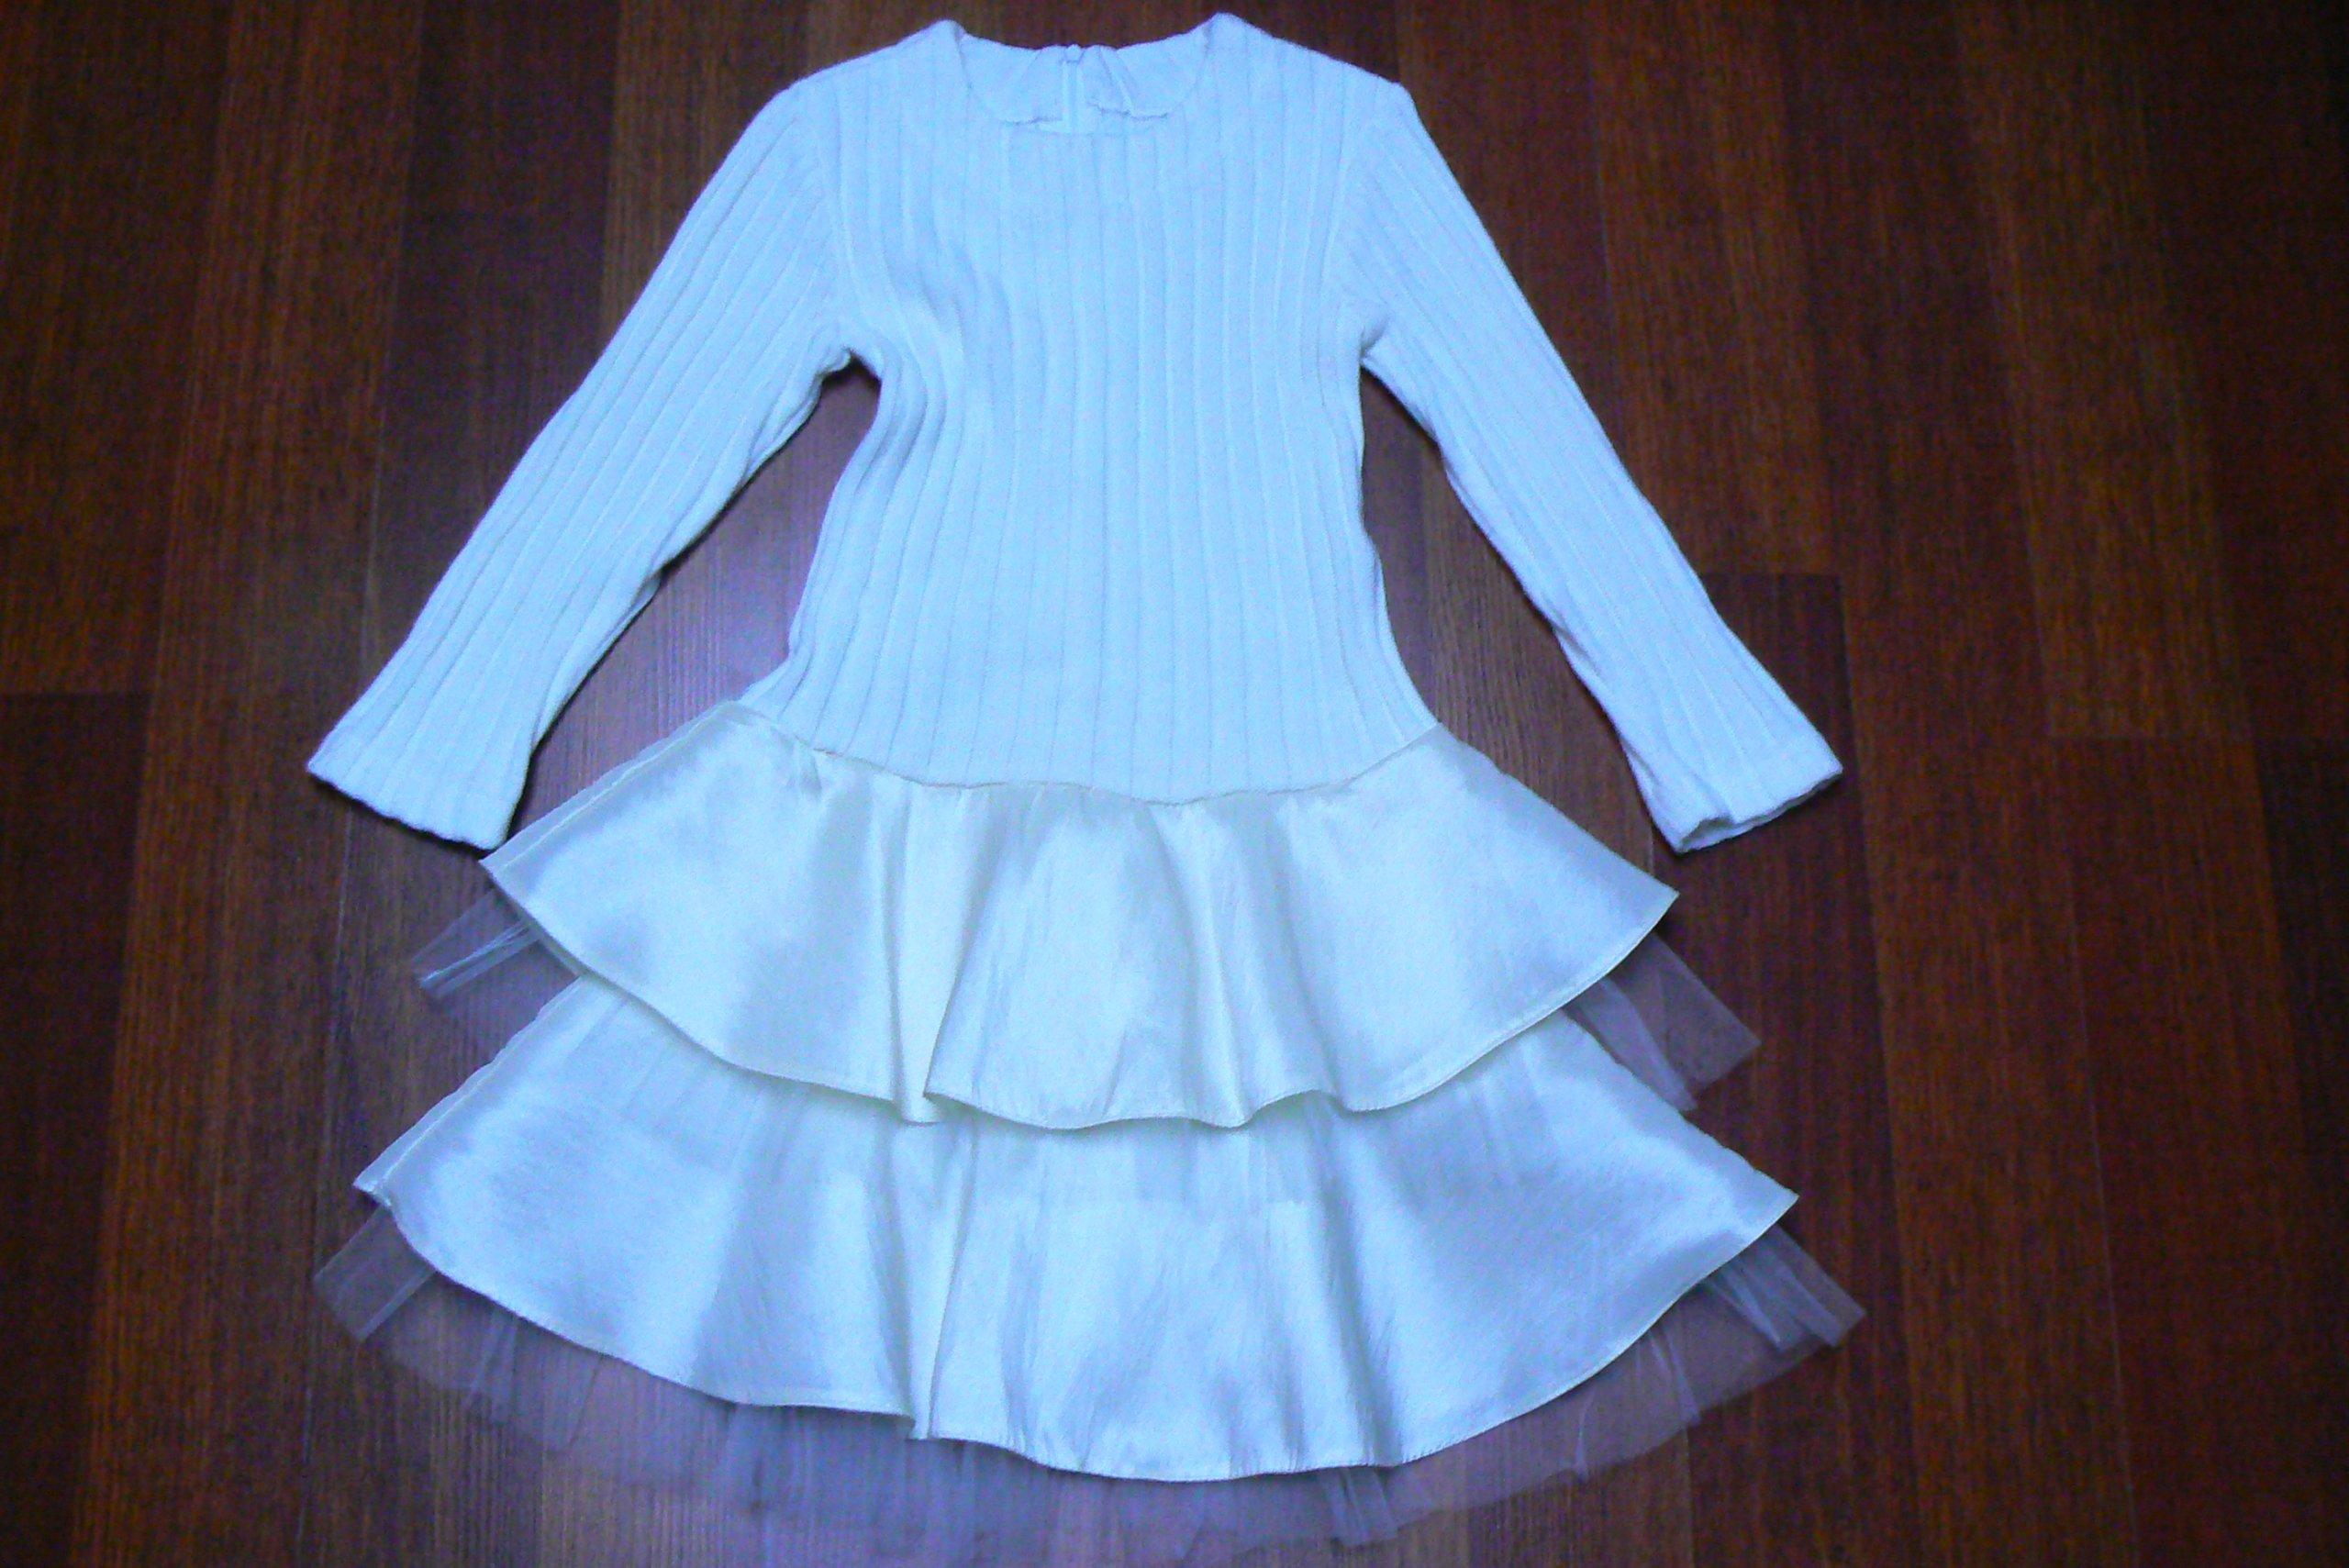 aef618afbb Piękna sukienka dzianina + kaskada falban 116 122 - 7121995139 - oficjalne  archiwum allegro